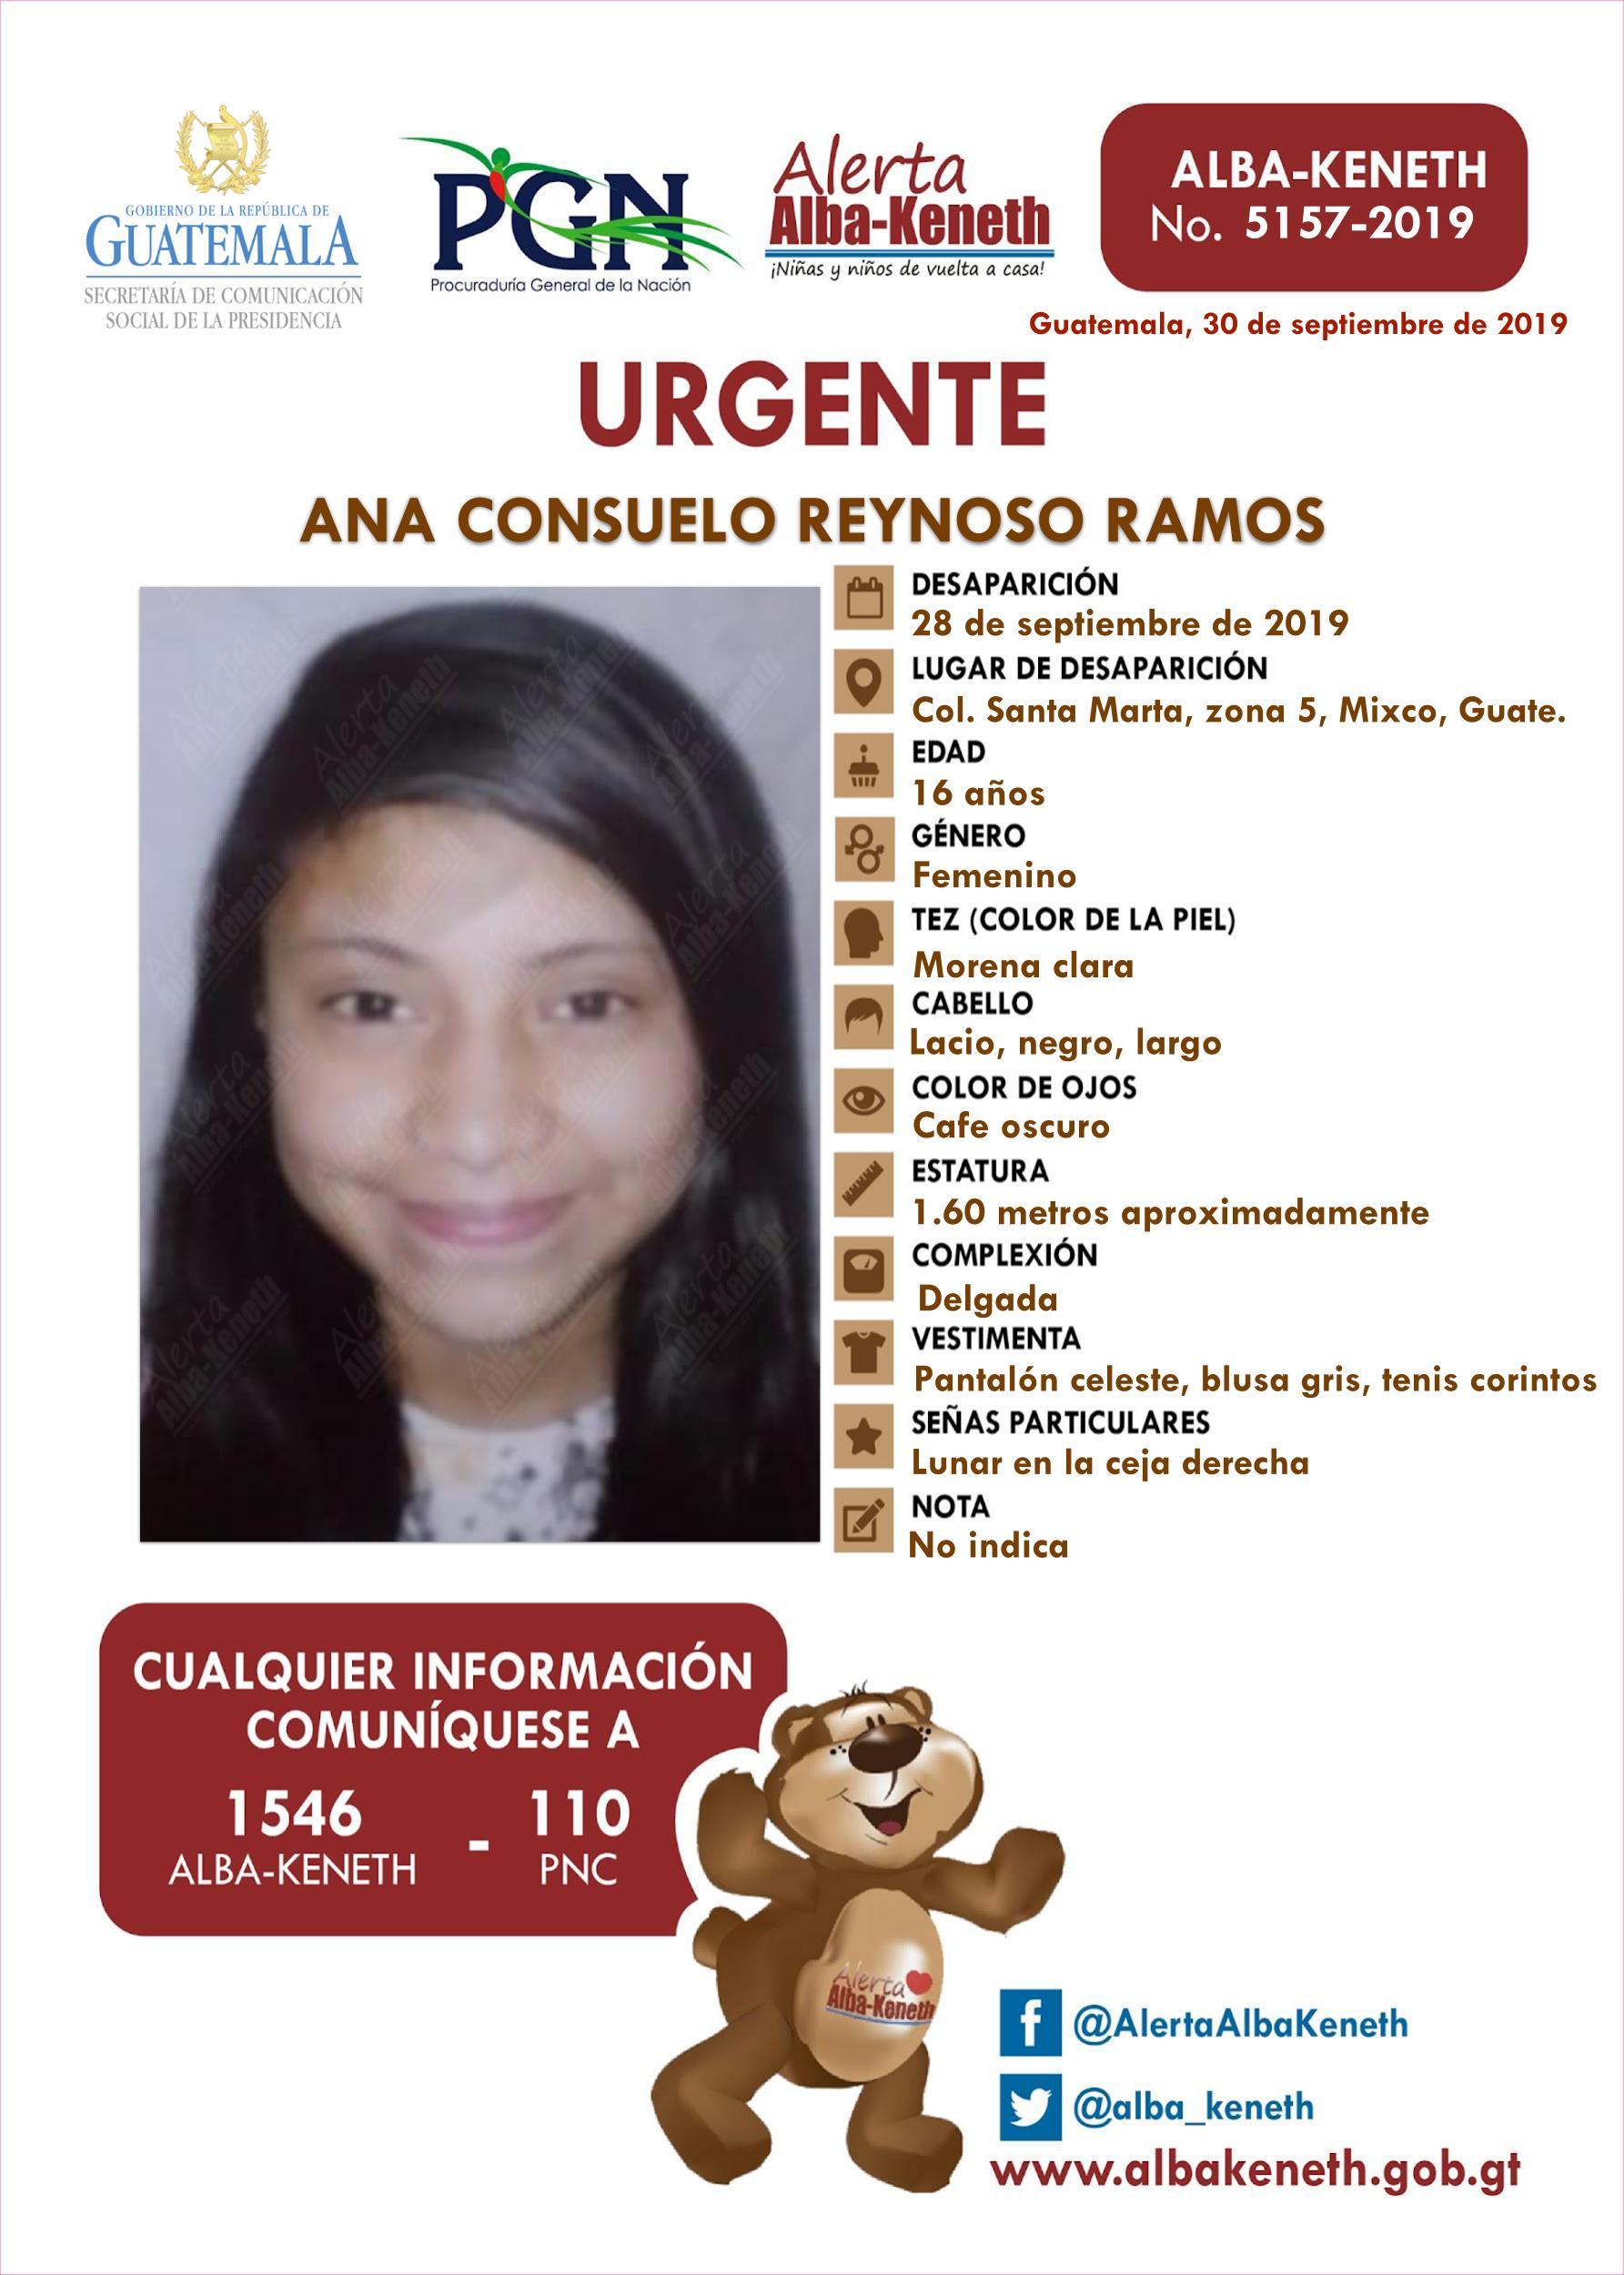 Ana Consuelo Reynoso Ramos